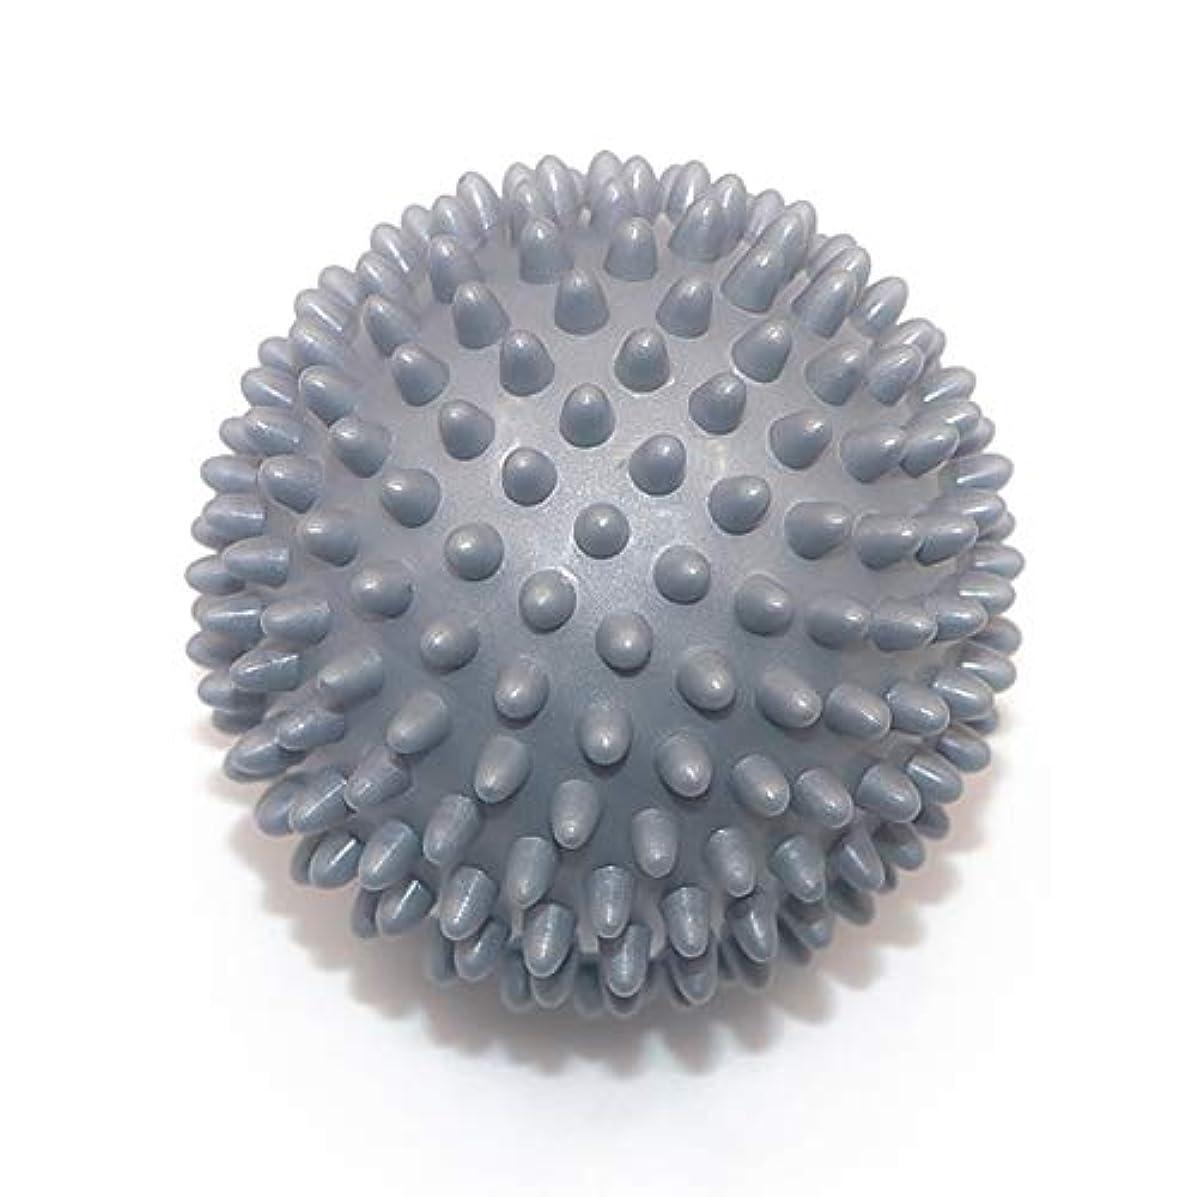 倫理フラフープ快適Liti マッサージボール リハビリ 触覚ボール リフレクションボール 筋膜リリース リハビリ マッサージ用 グレー